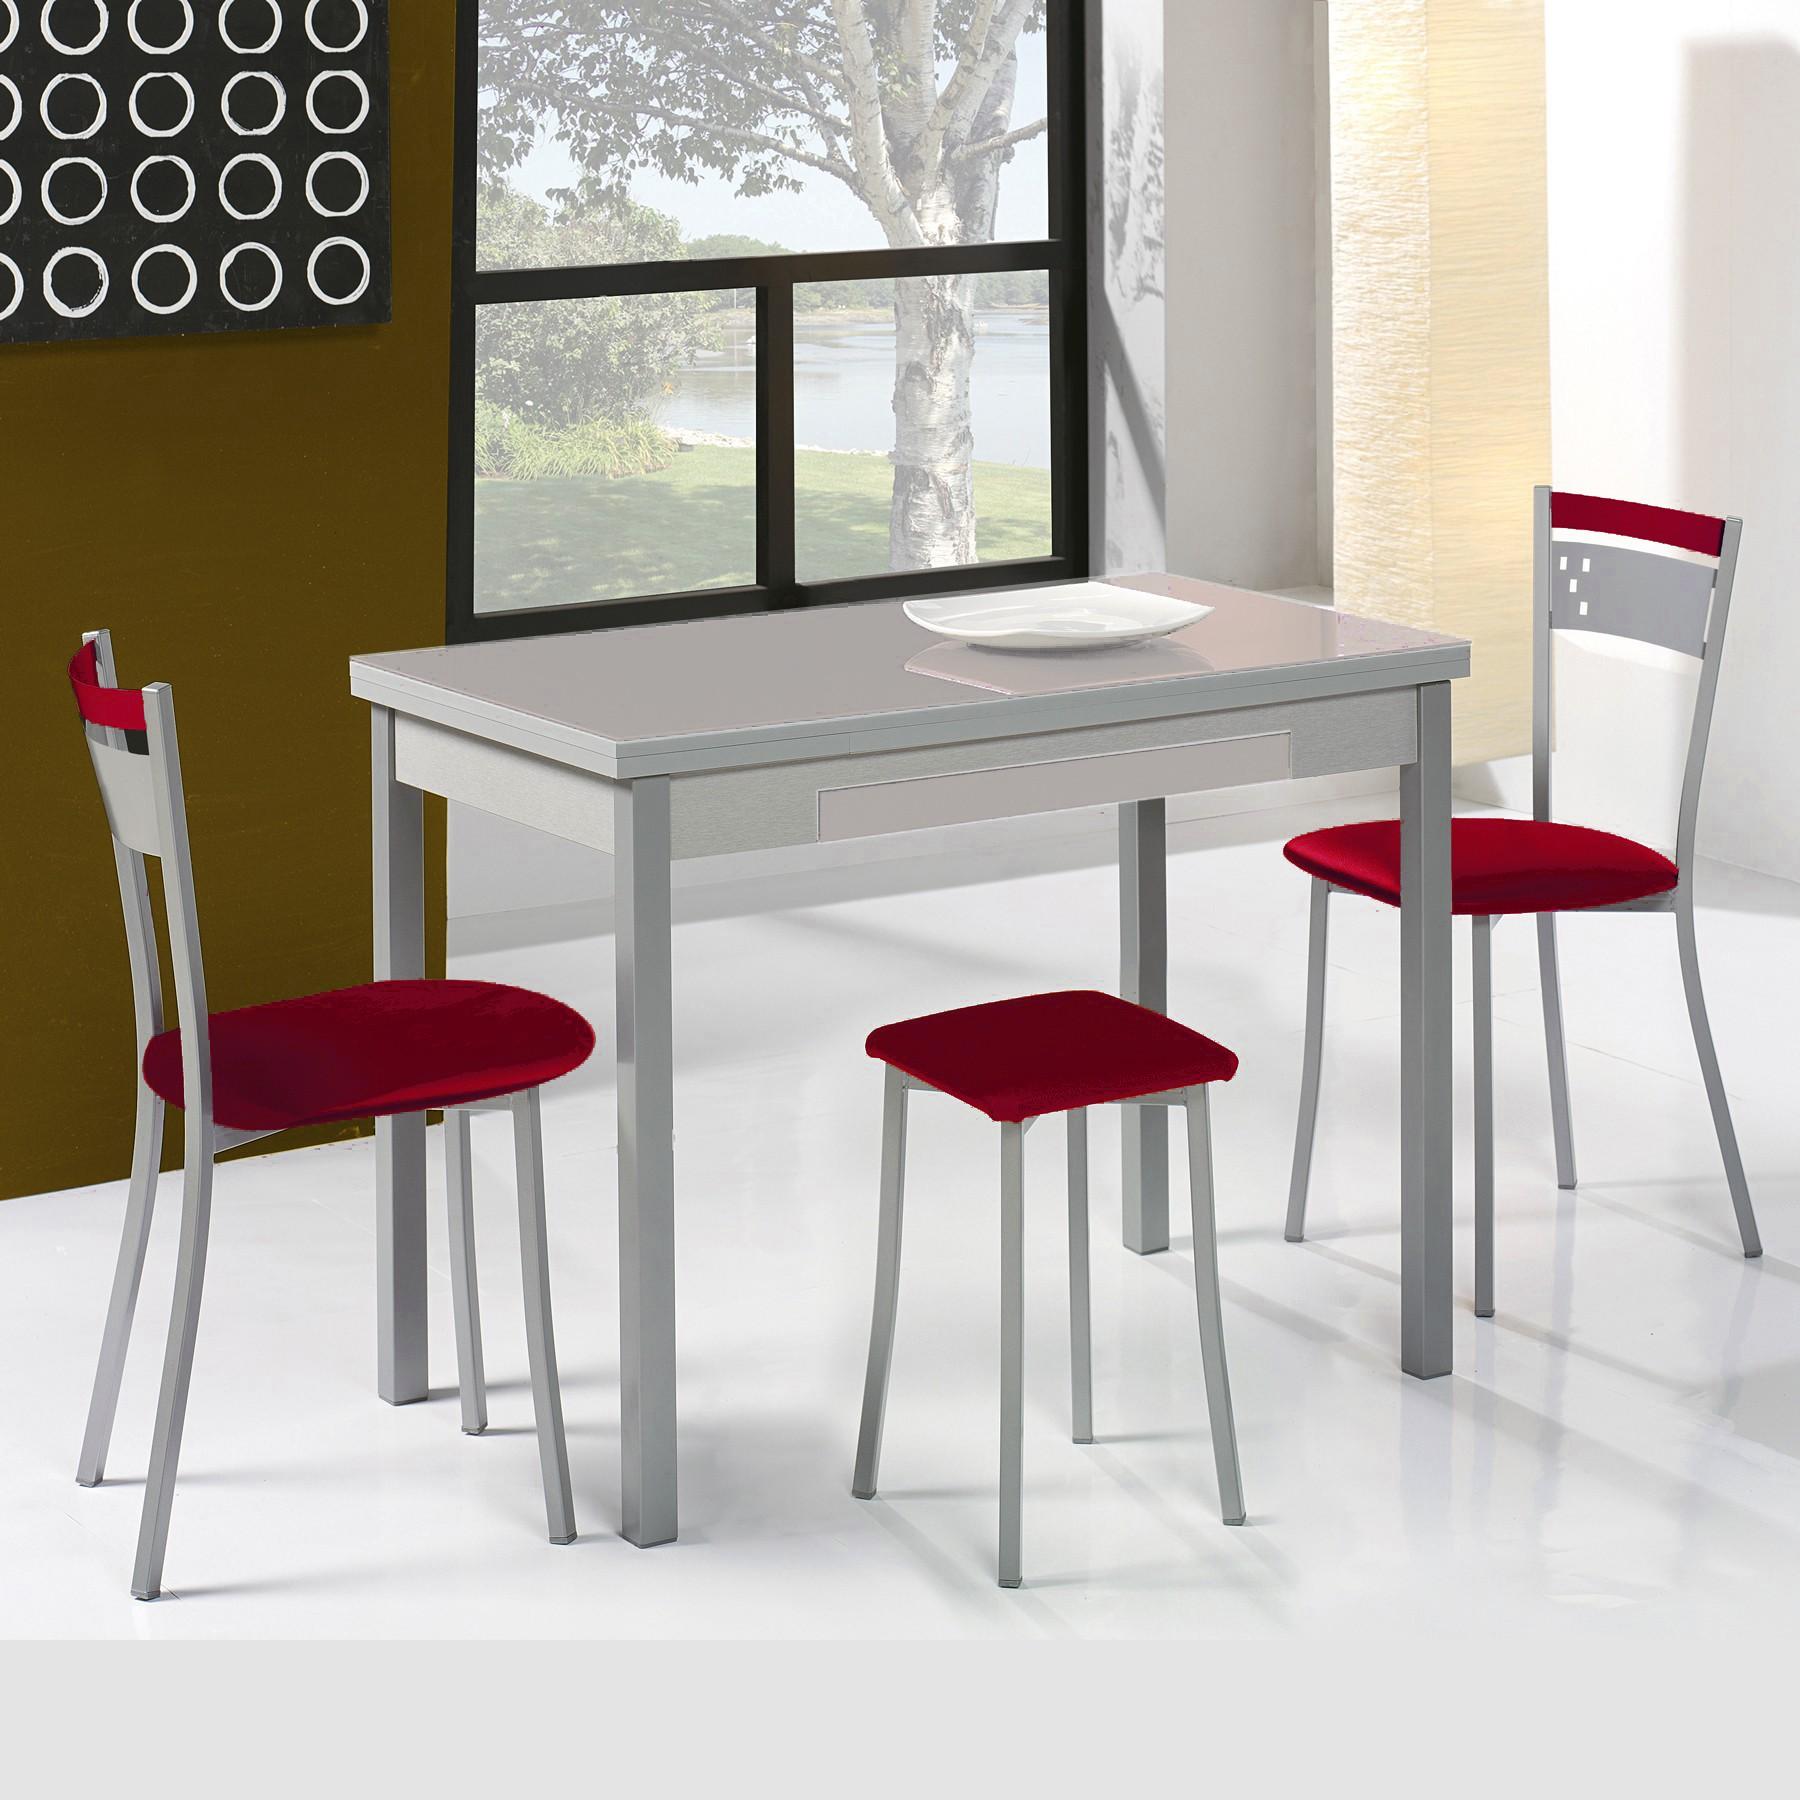 Conjunto de mesa extensible alas sillas y taburetes de for Sillas para cocina precios